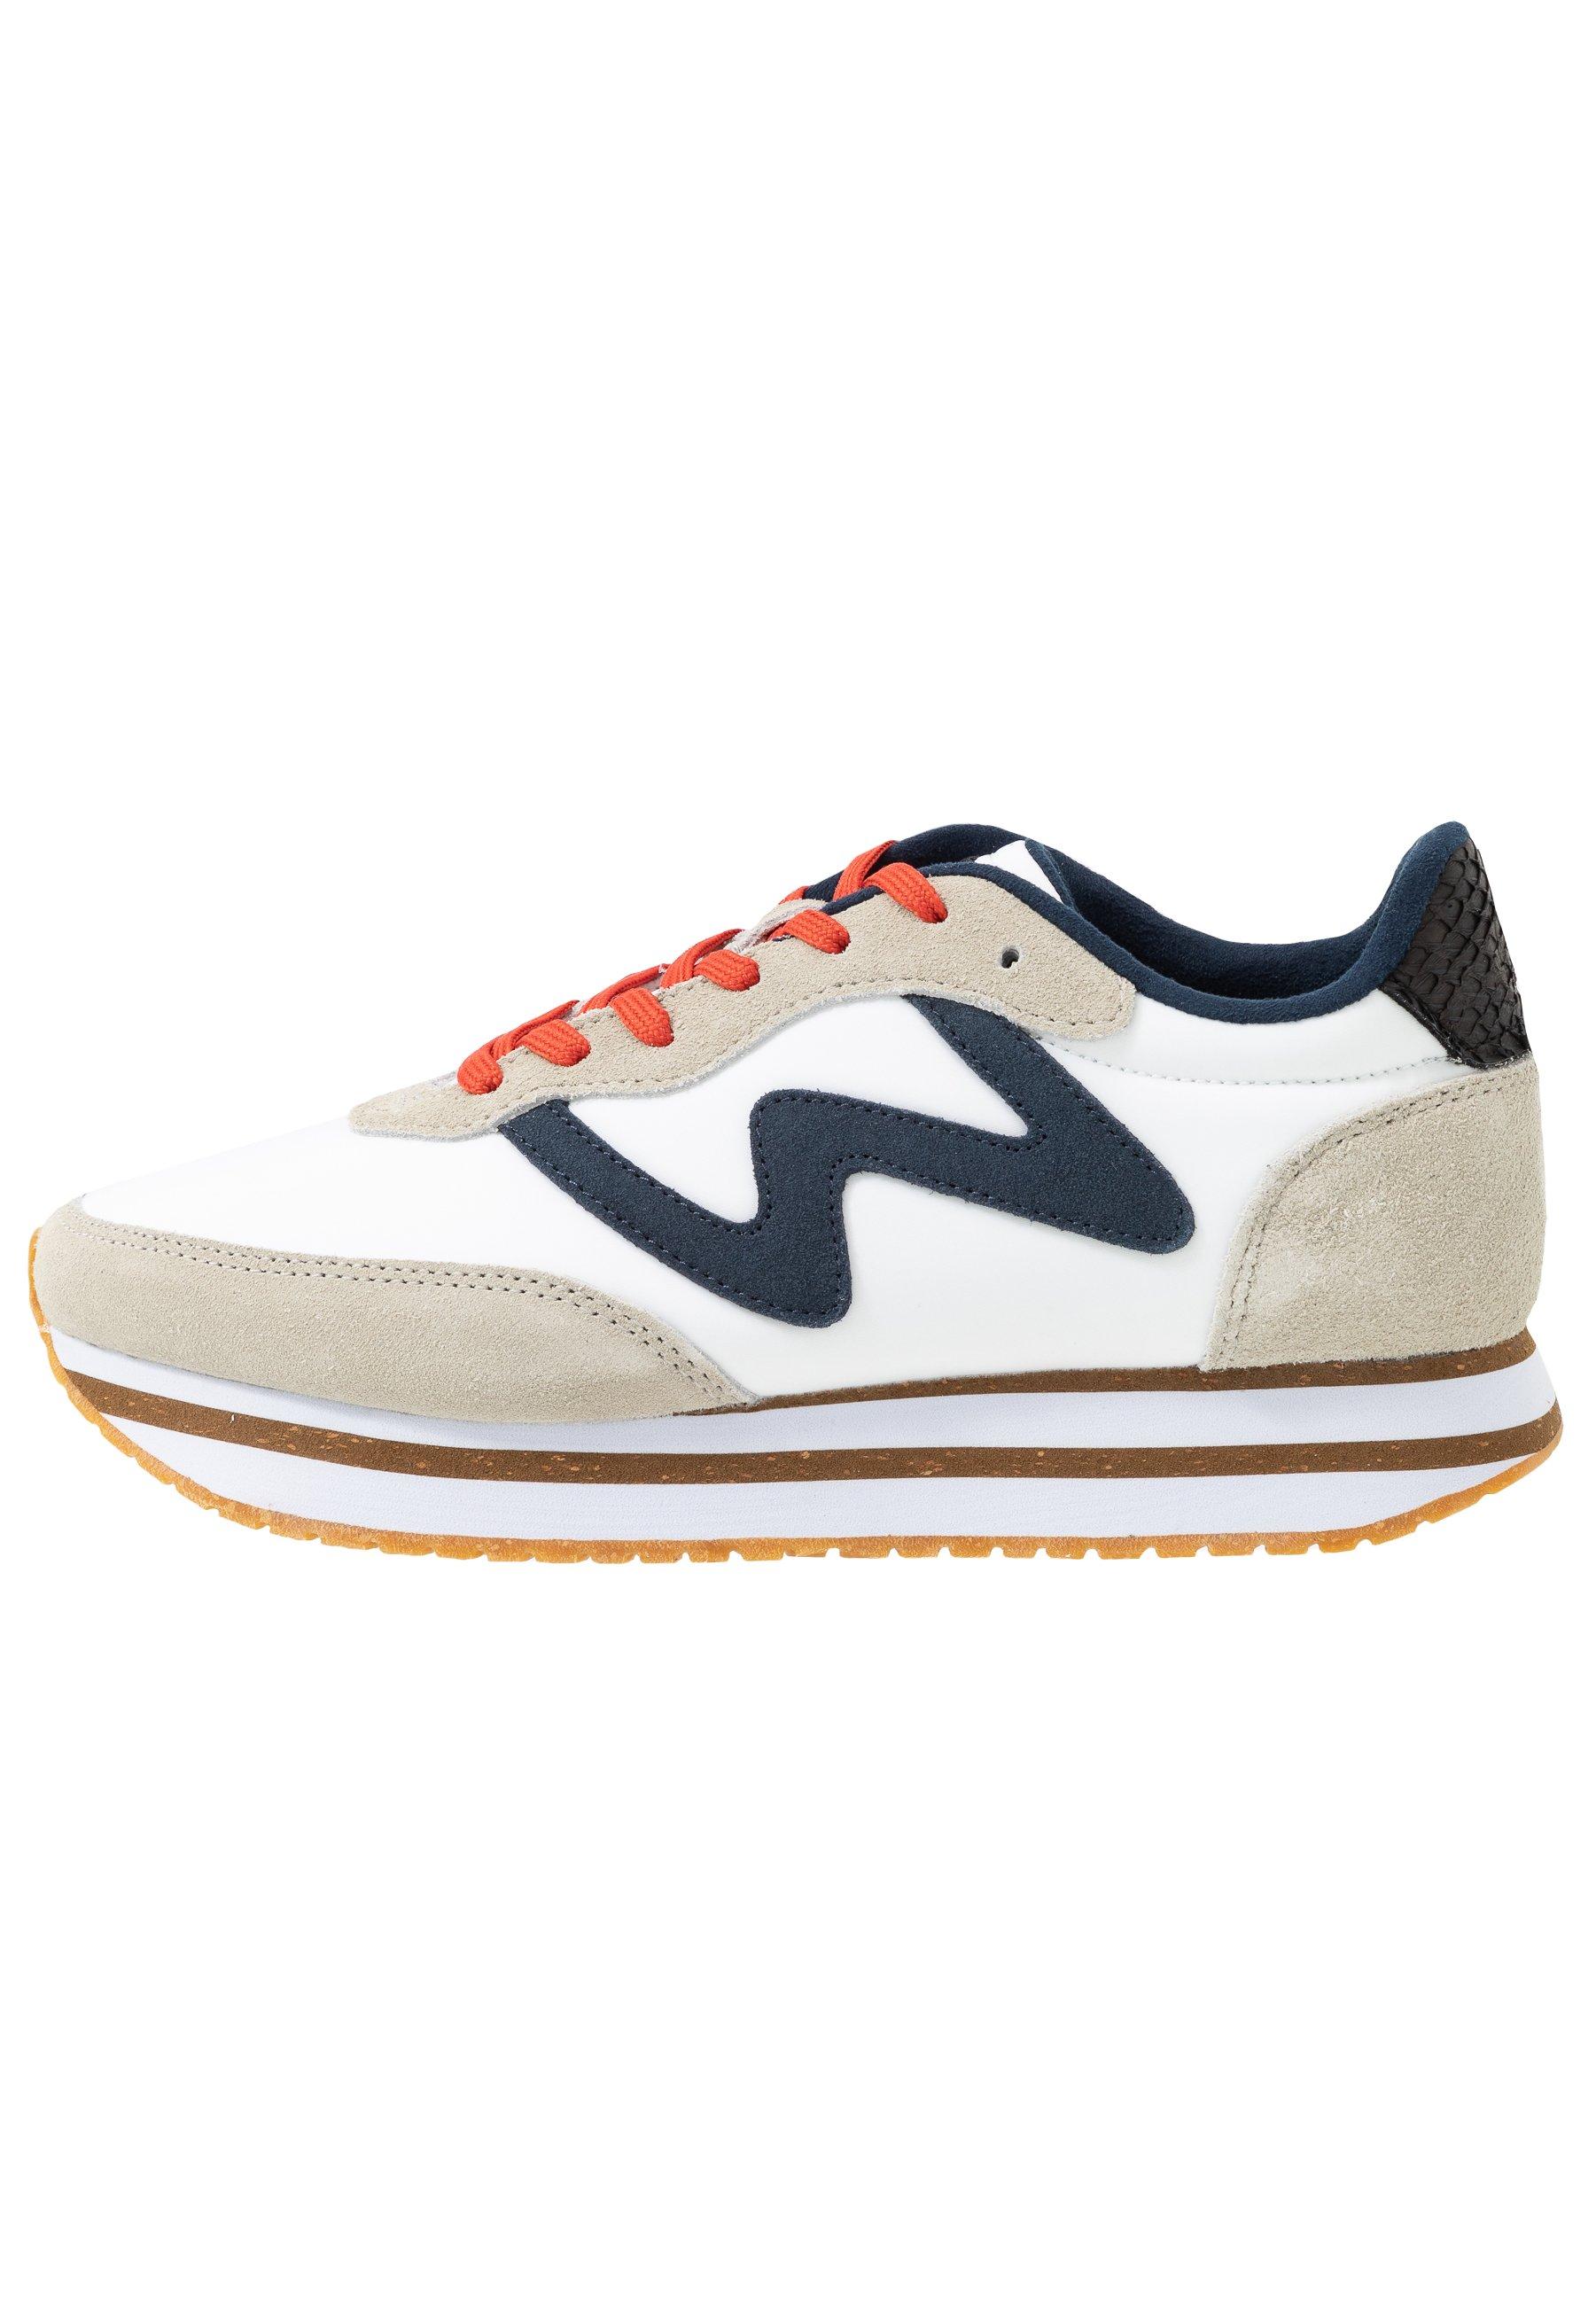 Woden OLIVIA PLATEAU II Sneaker low bright white